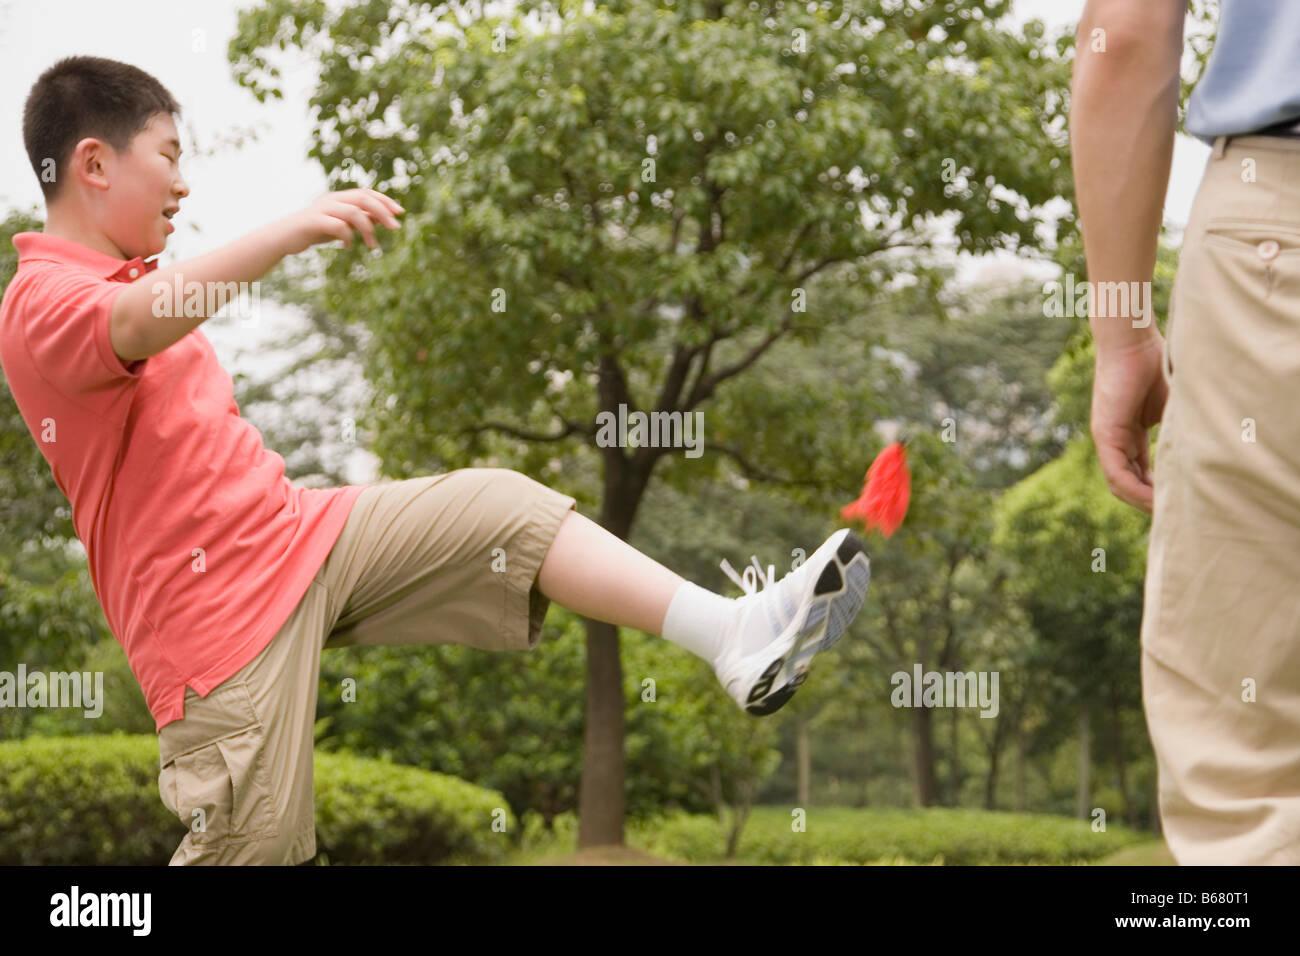 Ragazzo giocando con un volano con suo padre in piedi di fronte a lui Immagini Stock